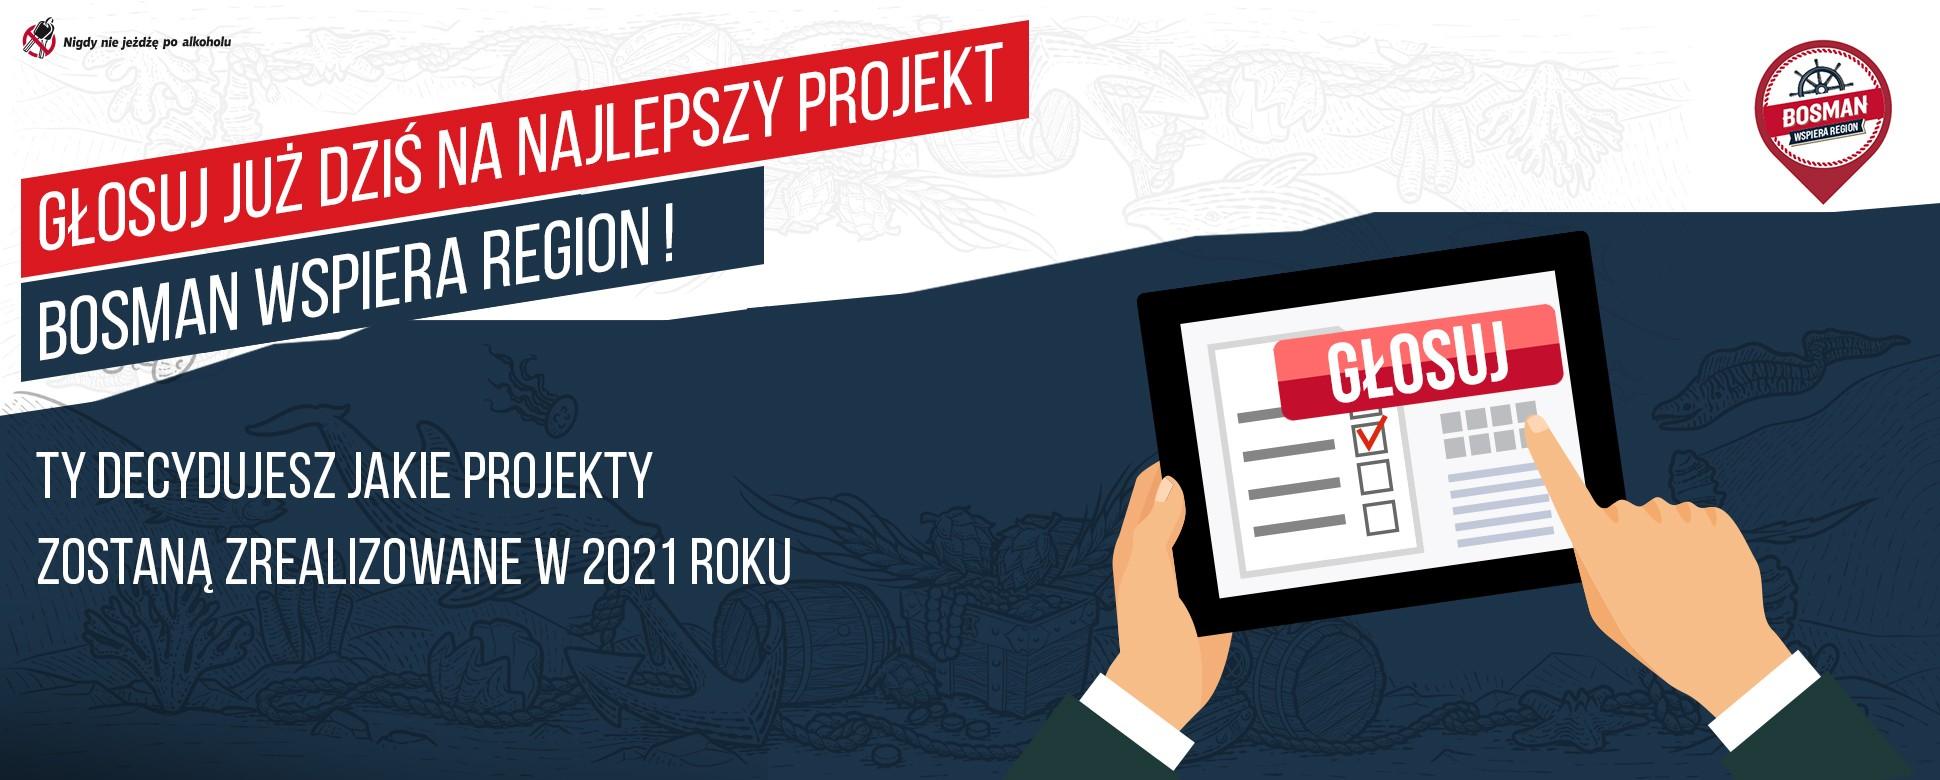 głosowanie na projekty